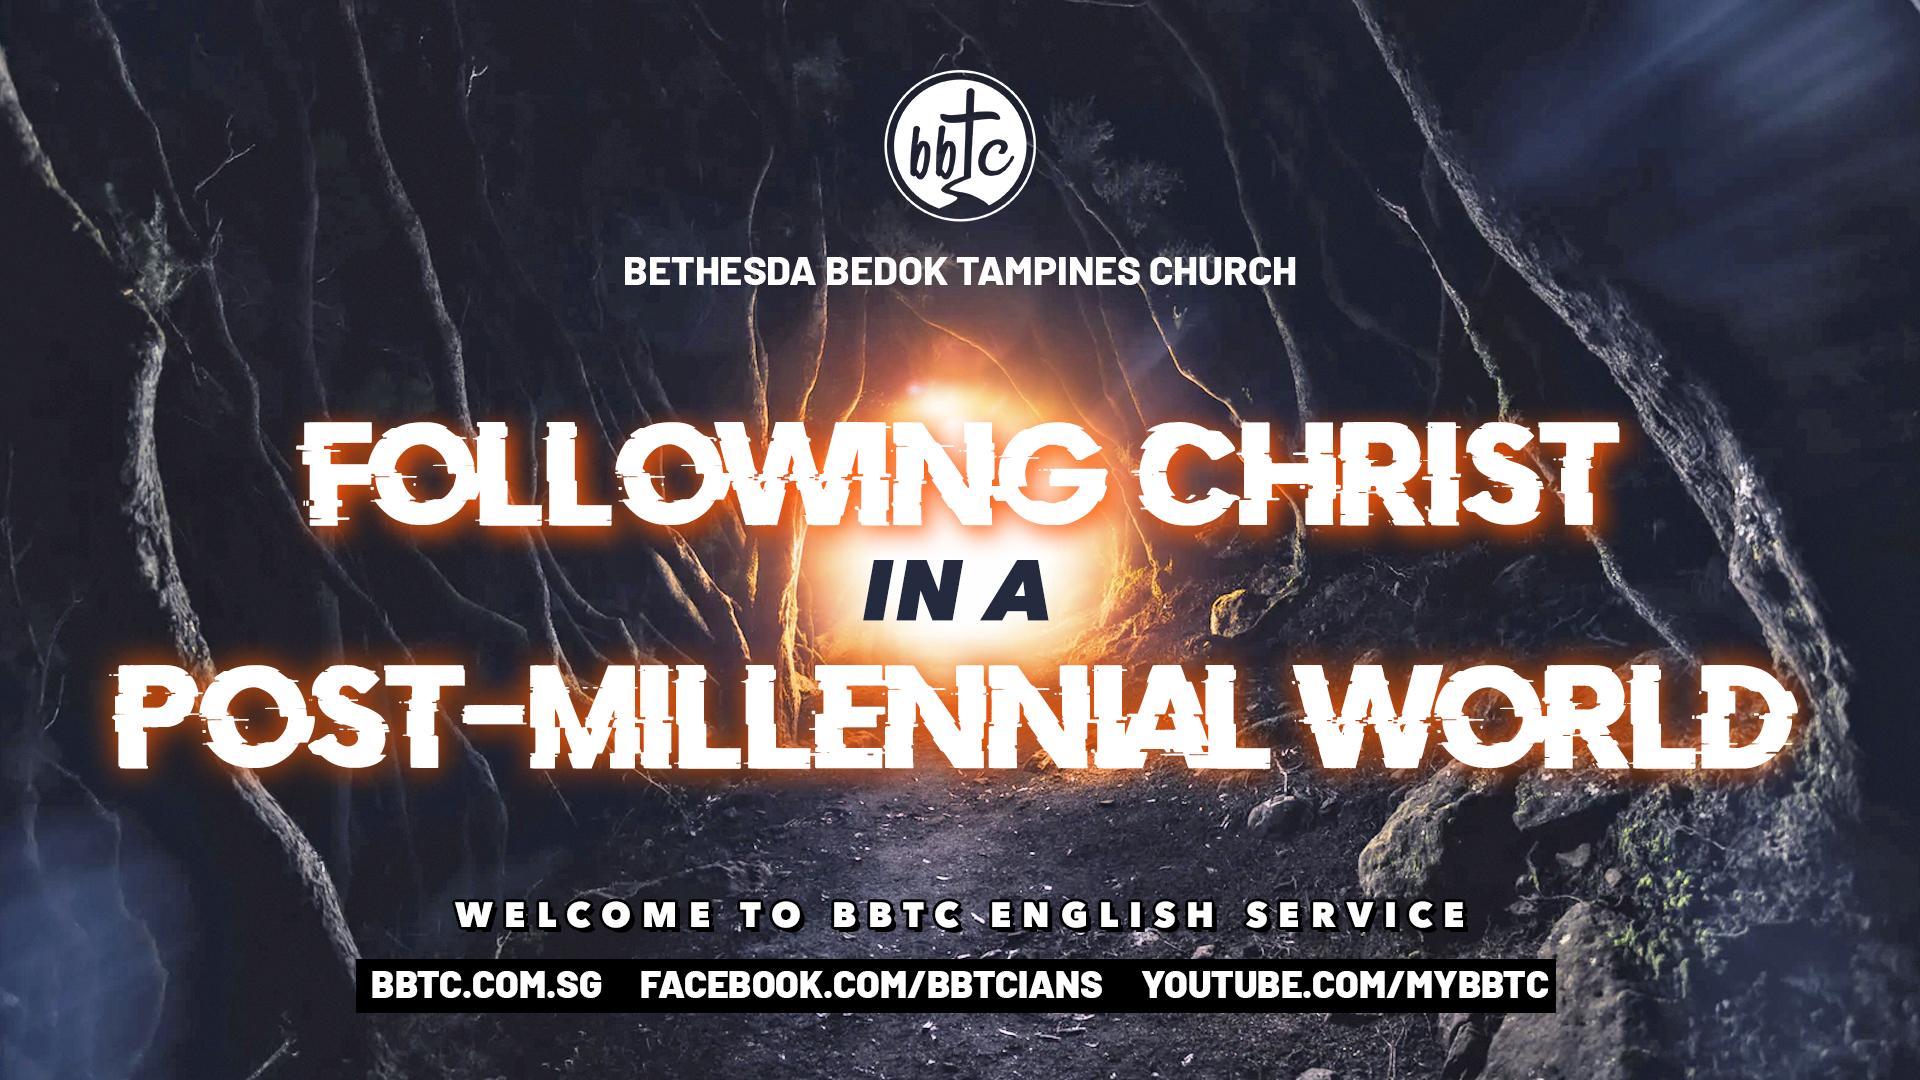 FOLLOWING CHRIST IN A POST-MILLENNIAL WORLD